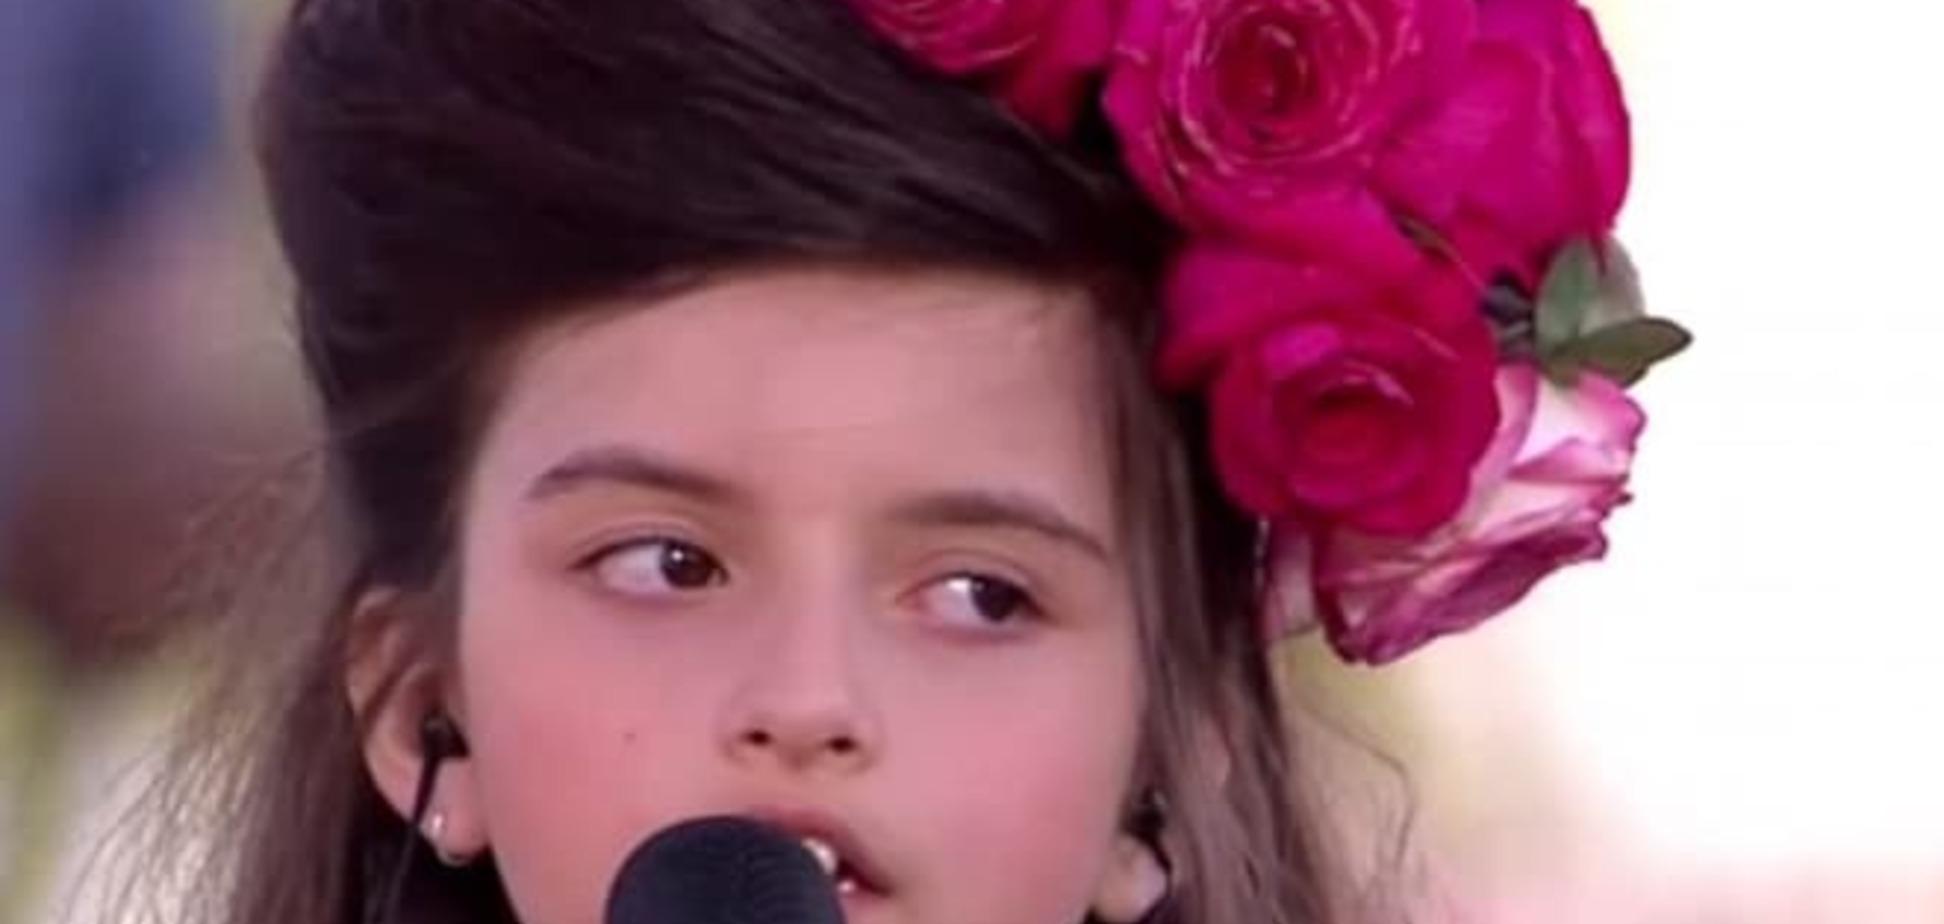 8-летняя девочка с необычным голосом Эми Уайнхаус стала сенсацией сети